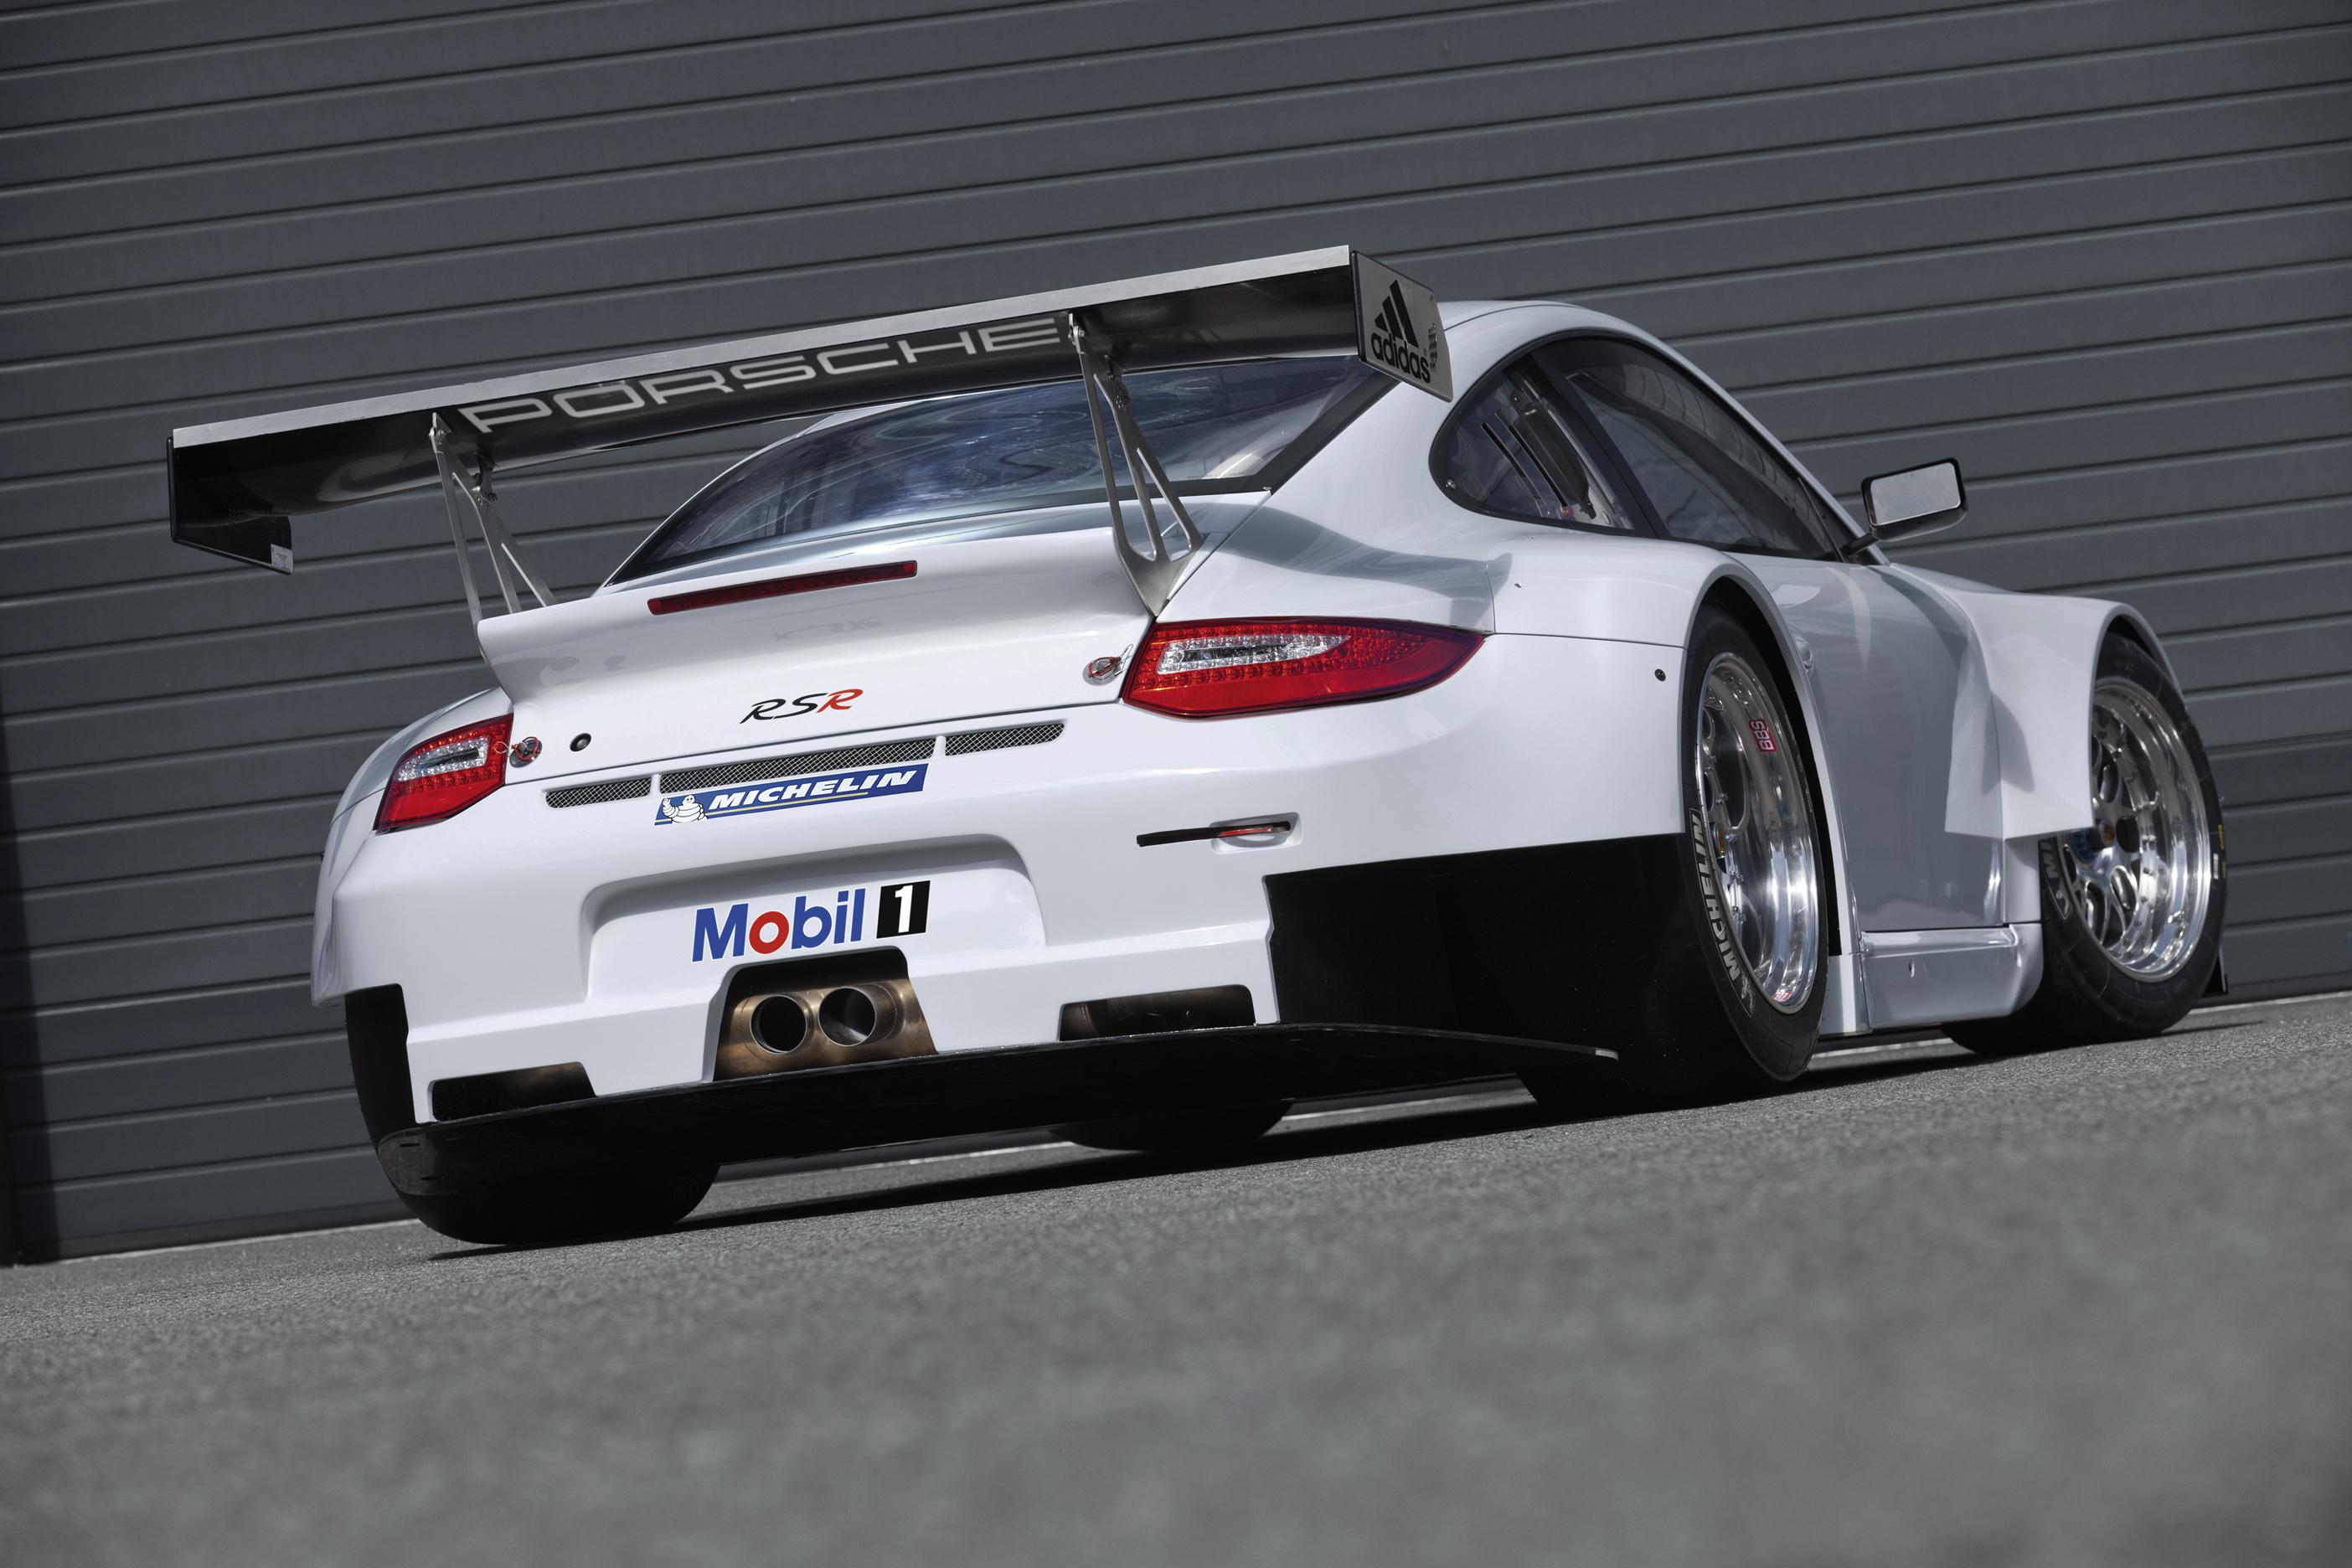 Porsche 911 GT3 Touring: нет фиксированного заднего антикрыла, а мотор, как у «обычного» GT3